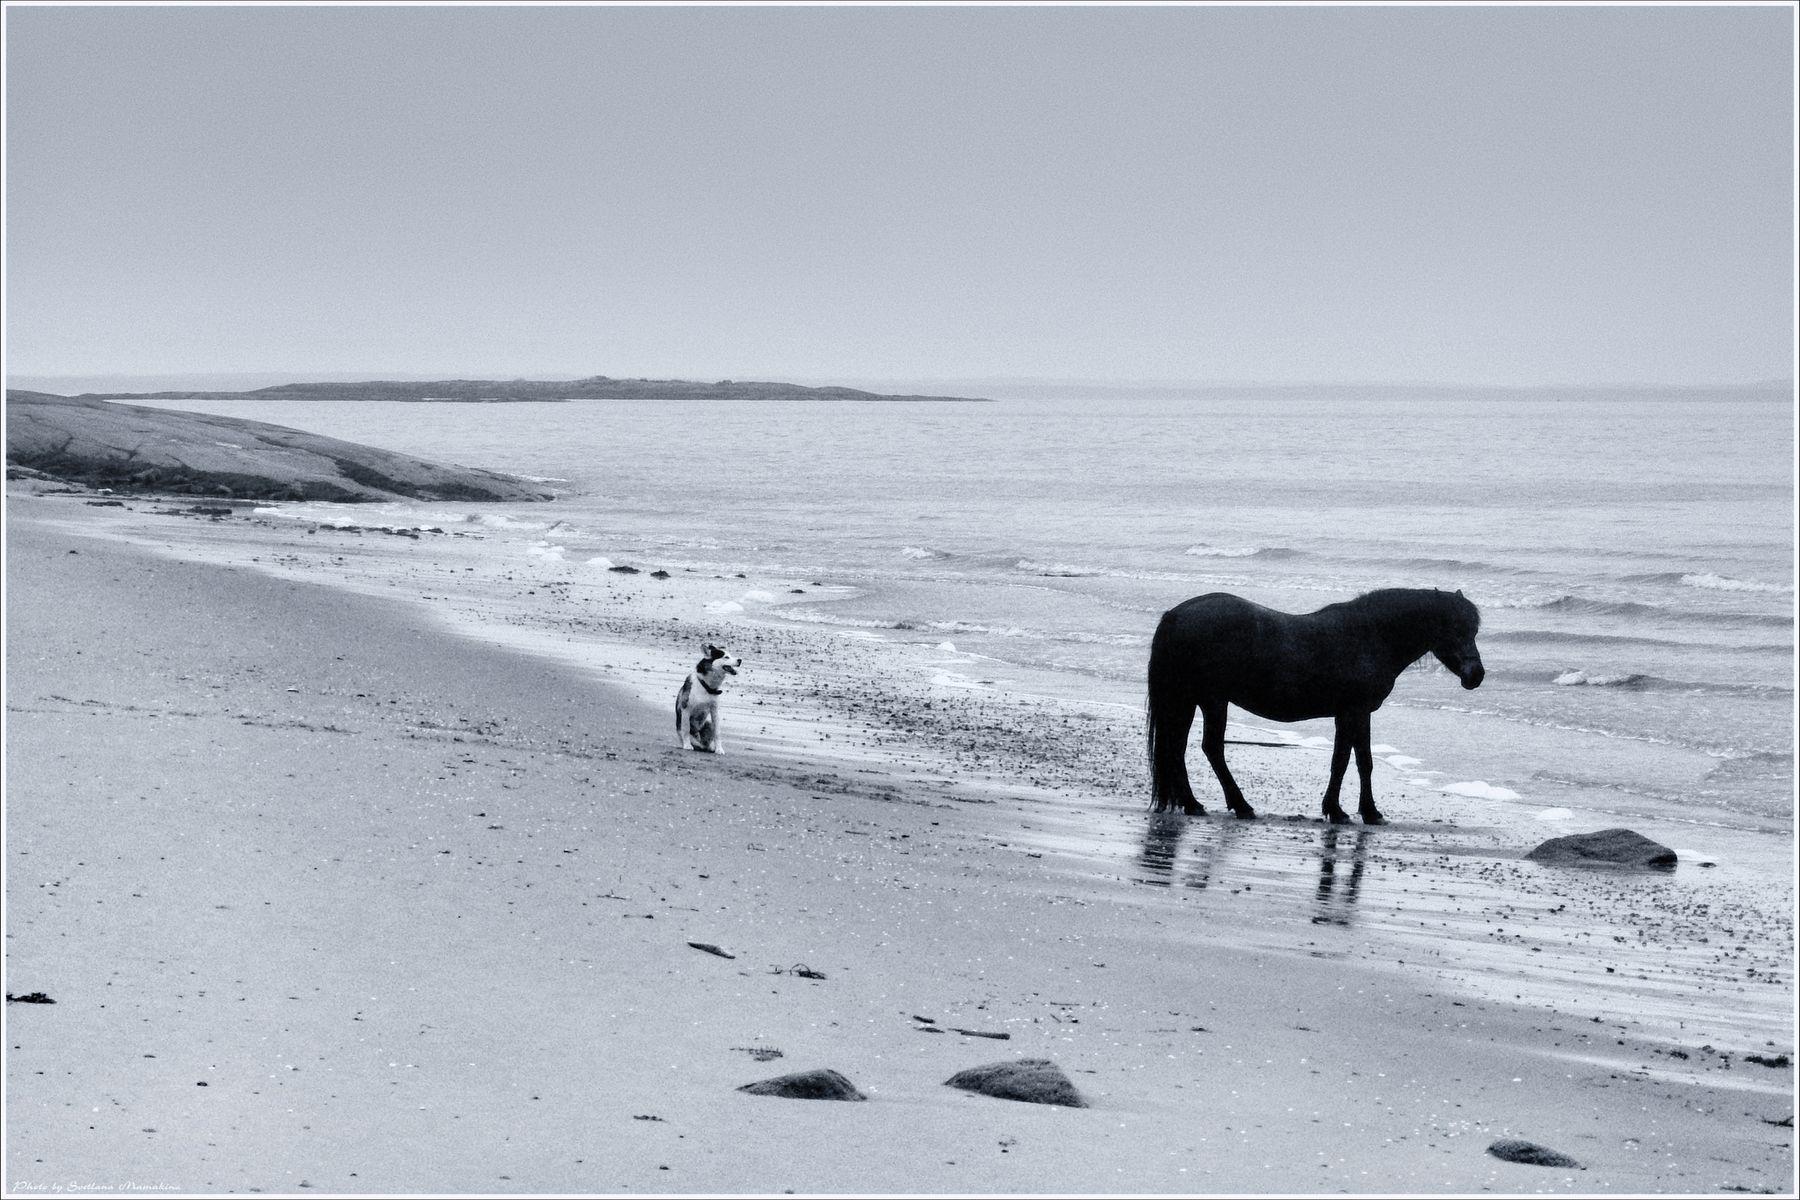 *У самого Белого моря* фотография путешествие Белое море животные лето берег Фото.Сайт Светлана Мамакина Lihgra Adventure